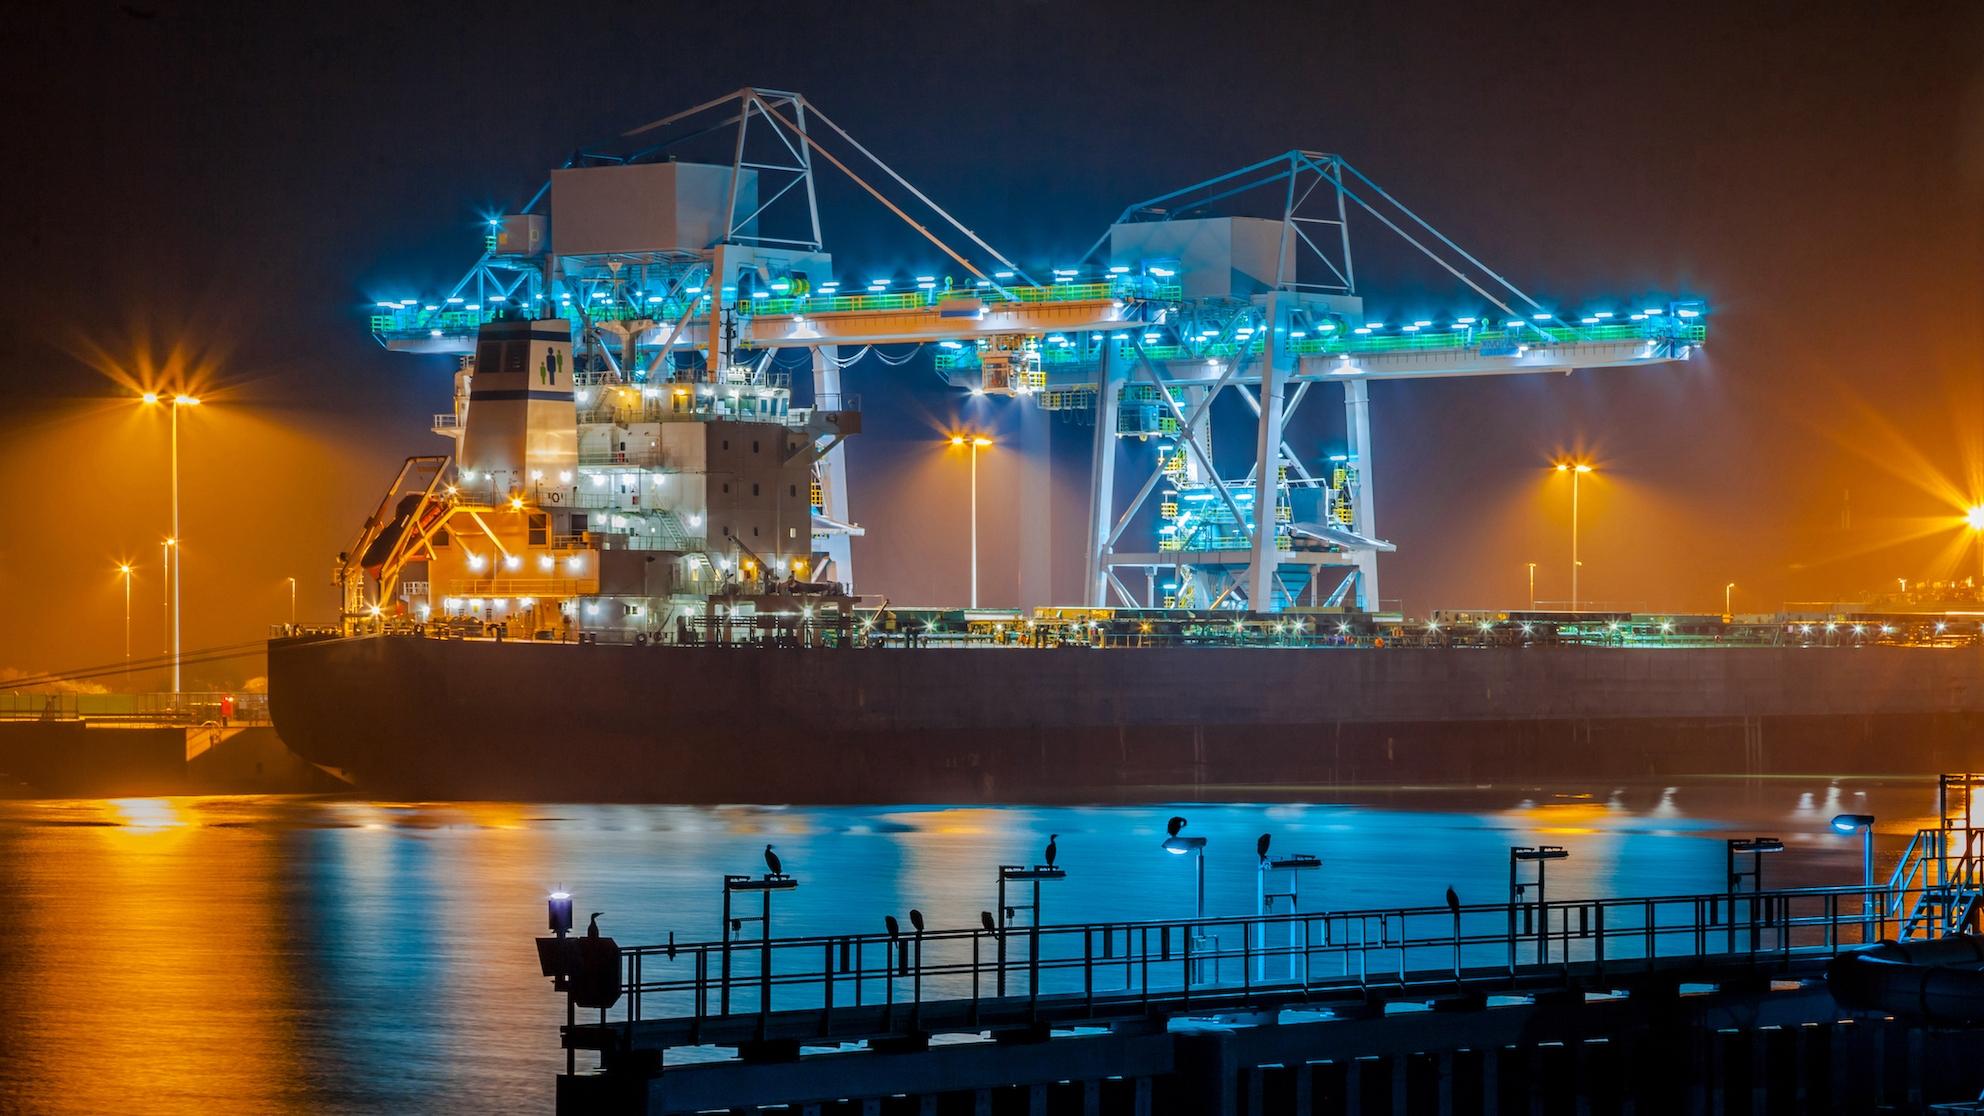 Ein Frachtschiff - Begleitpapiere für den Seeverkehr einfach und sicher online erstellen